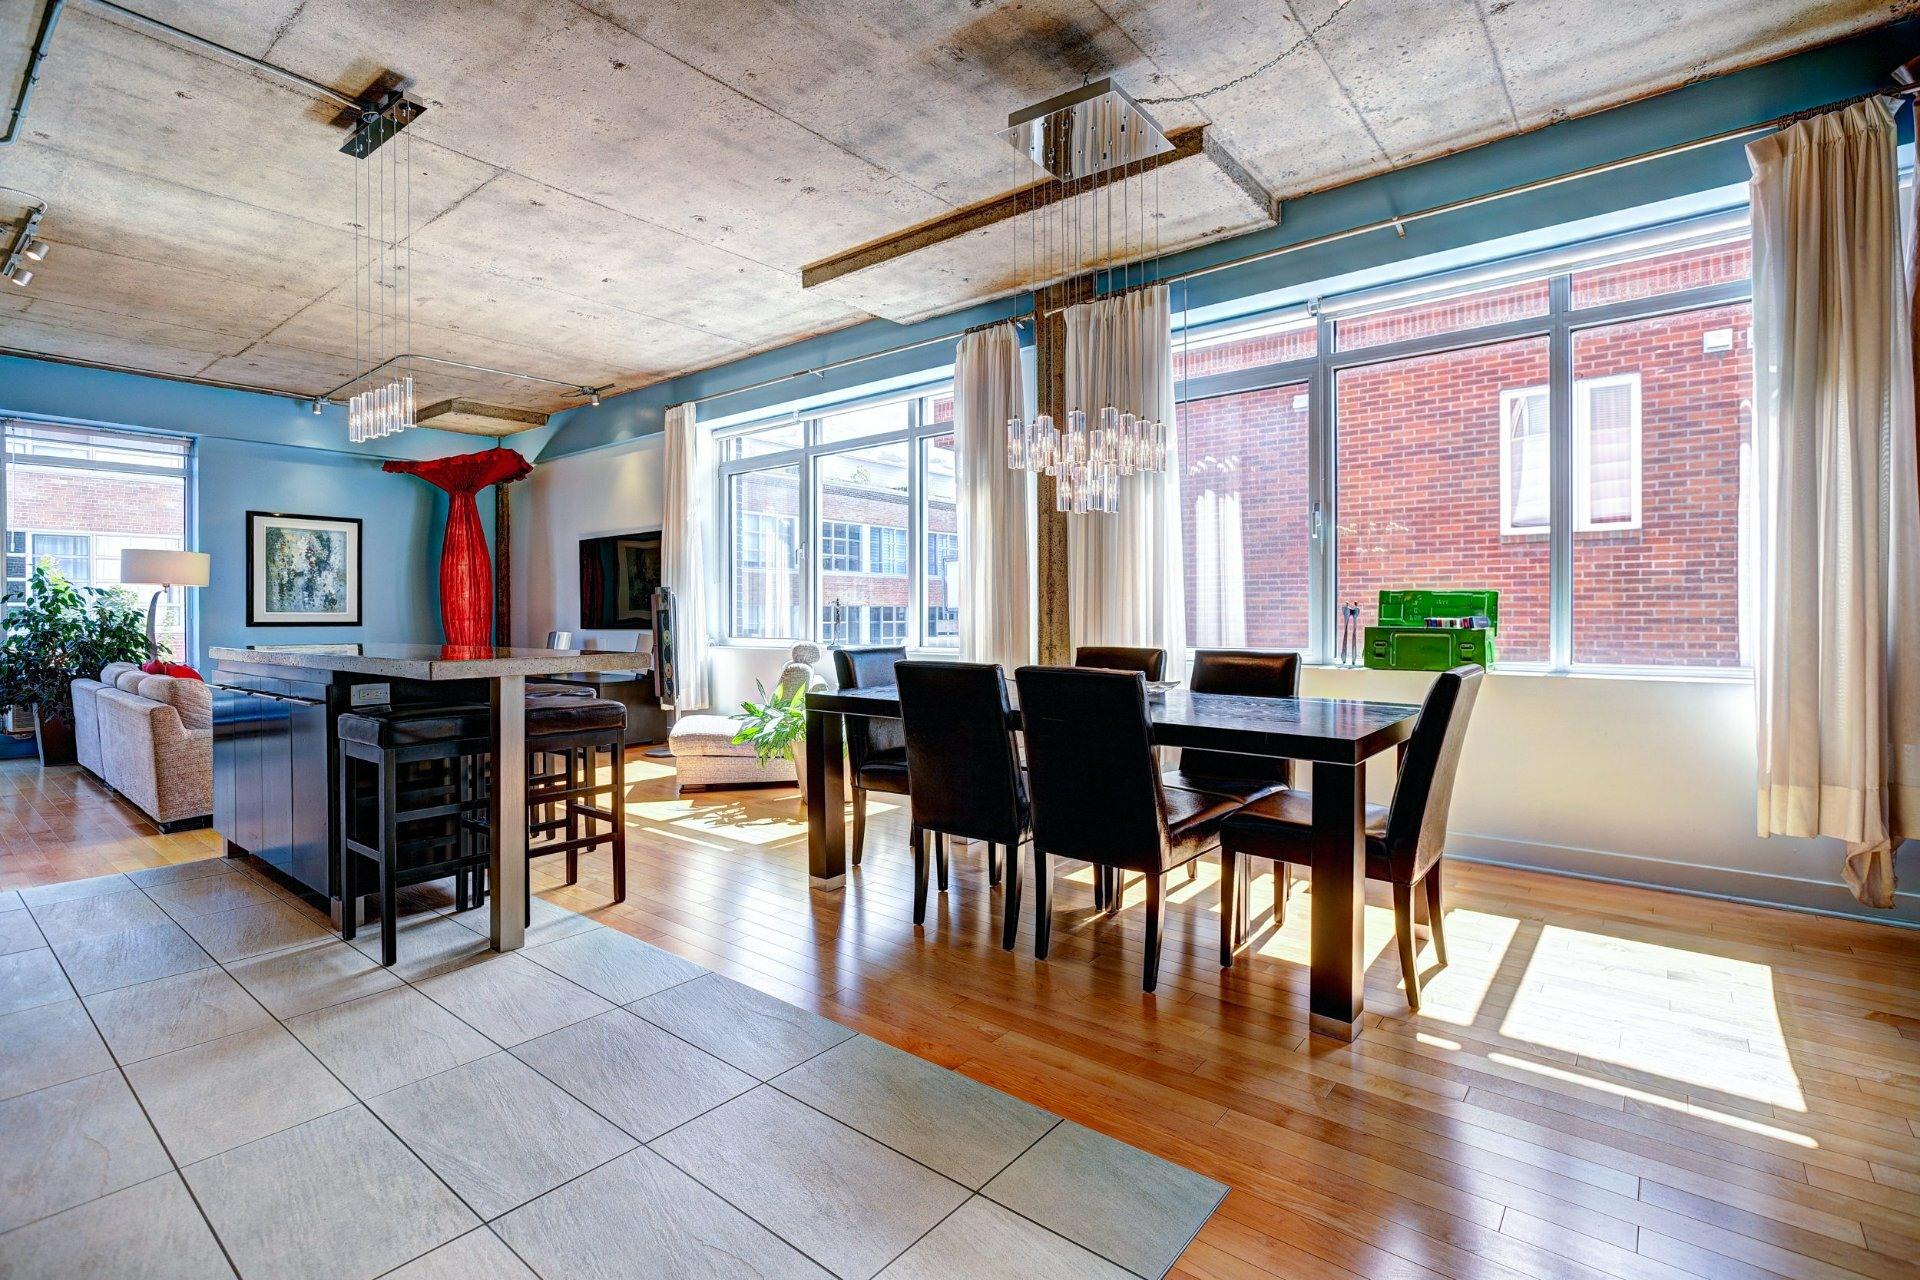 image 12 - Appartement À louer Villeray/Saint-Michel/Parc-Extension Montréal  - 8 pièces